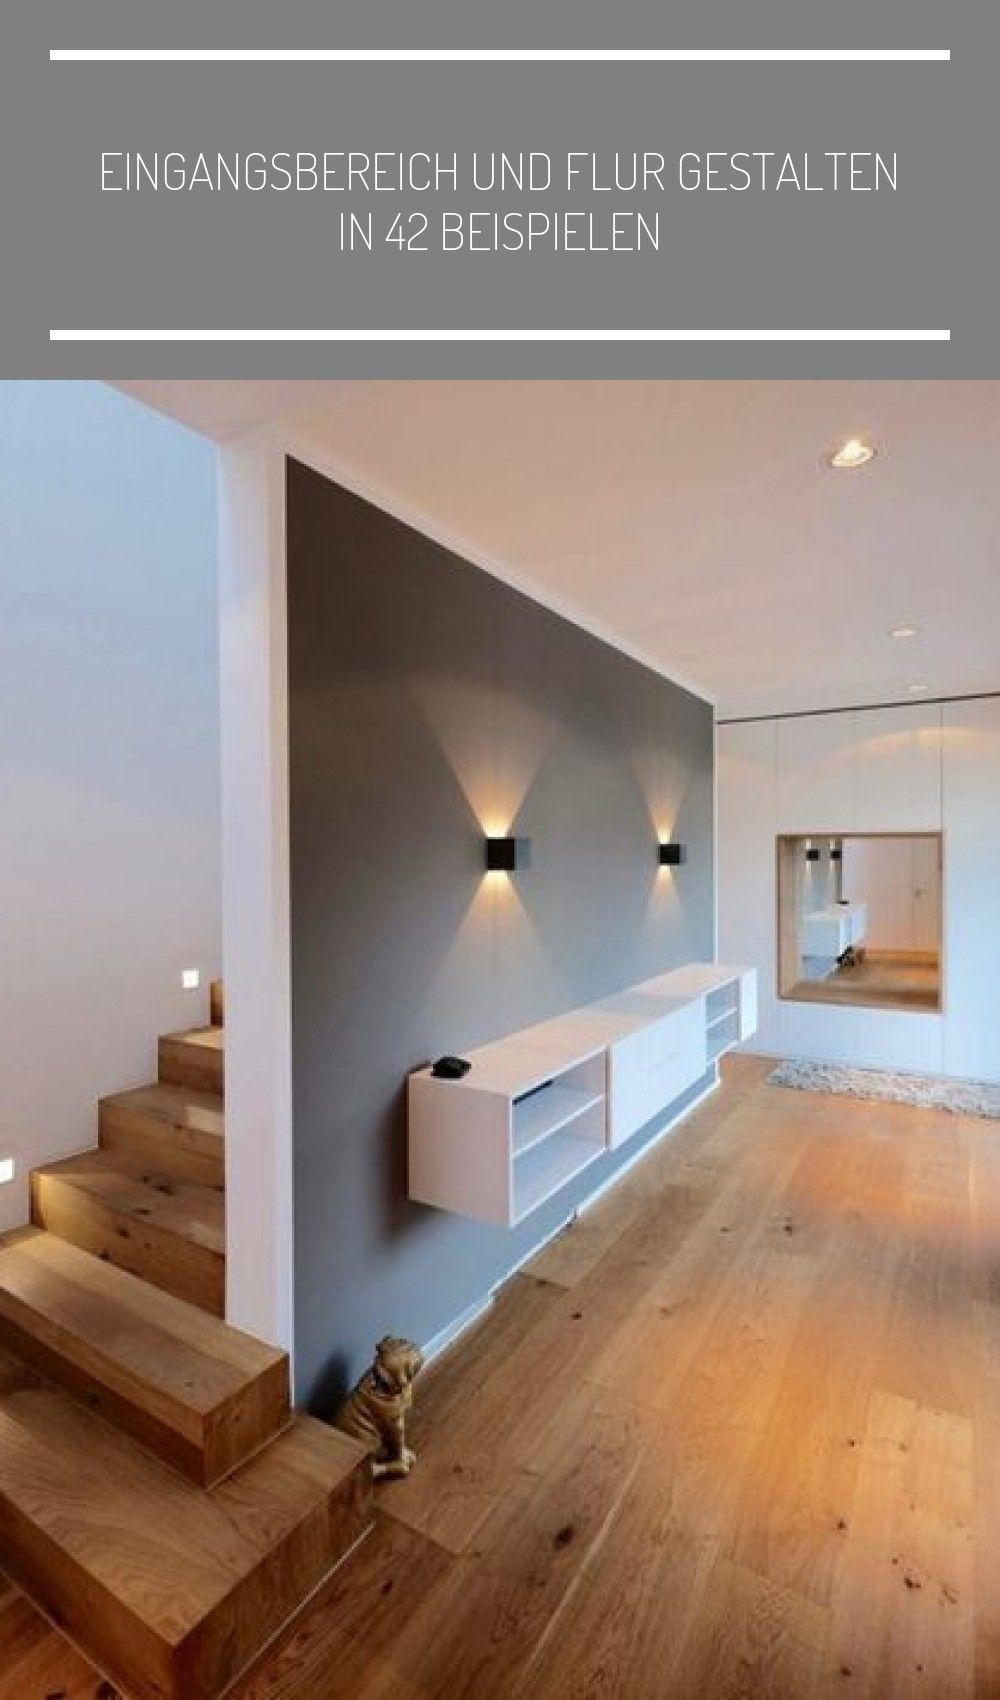 Hauseingang Gestalten Deko Ideen Wohnideen Einrichtungsbeispiele 36 Eingangsbereich Haus Beleuchtung Eingangsbereich Und In 2020 Design Your Home House Entrance House